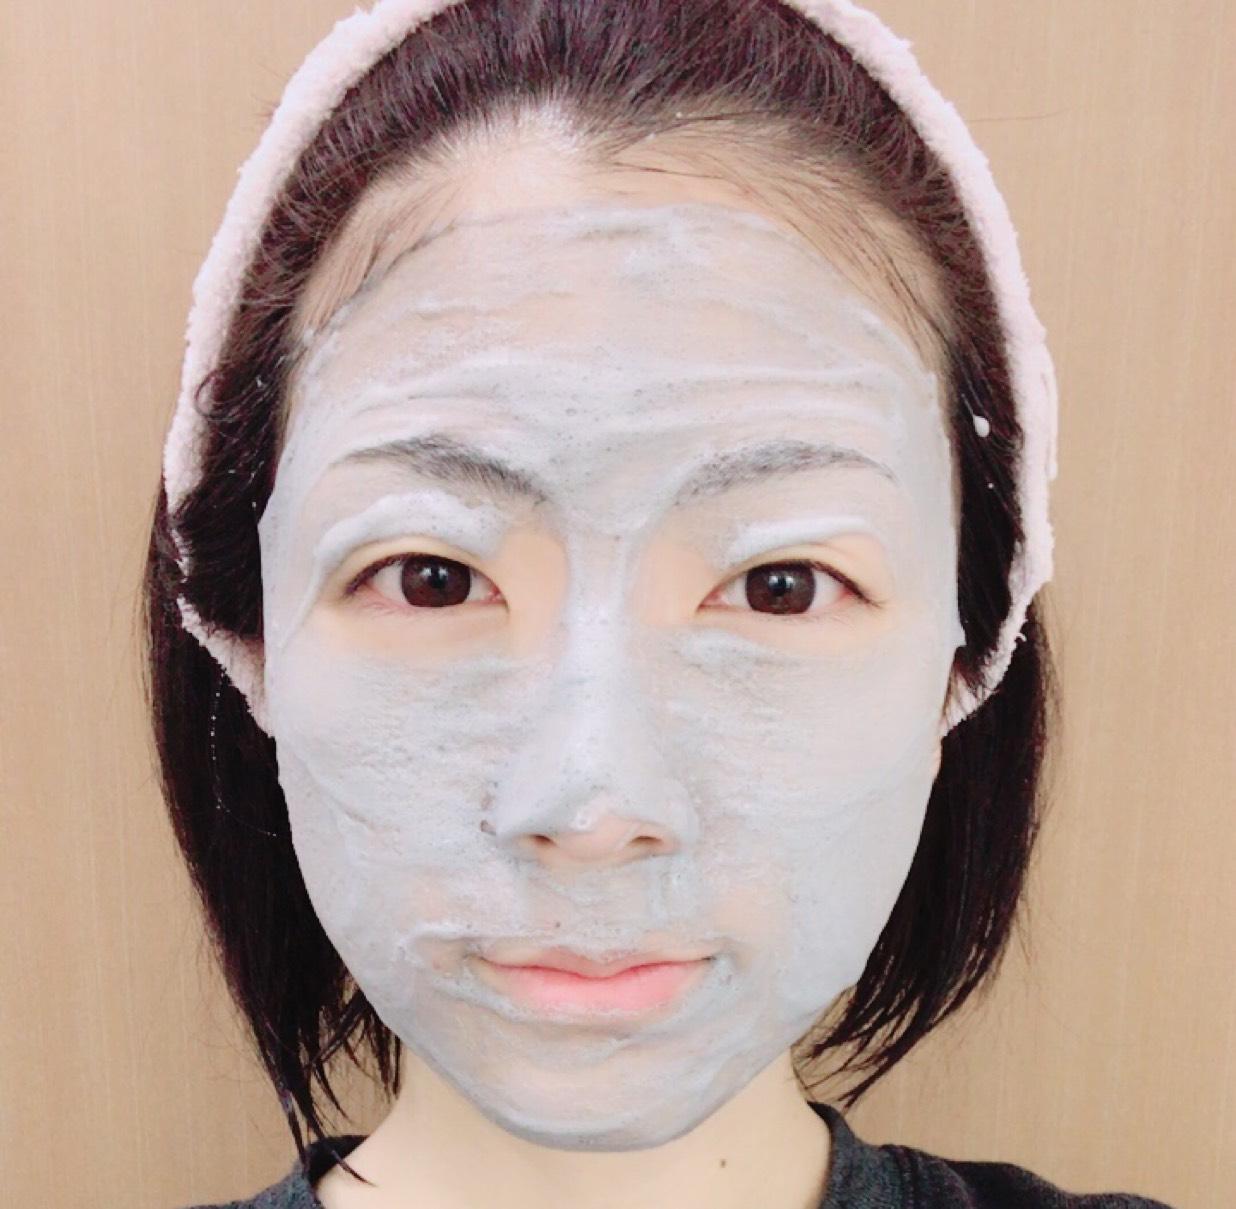 普通に顔全体洗ってみた